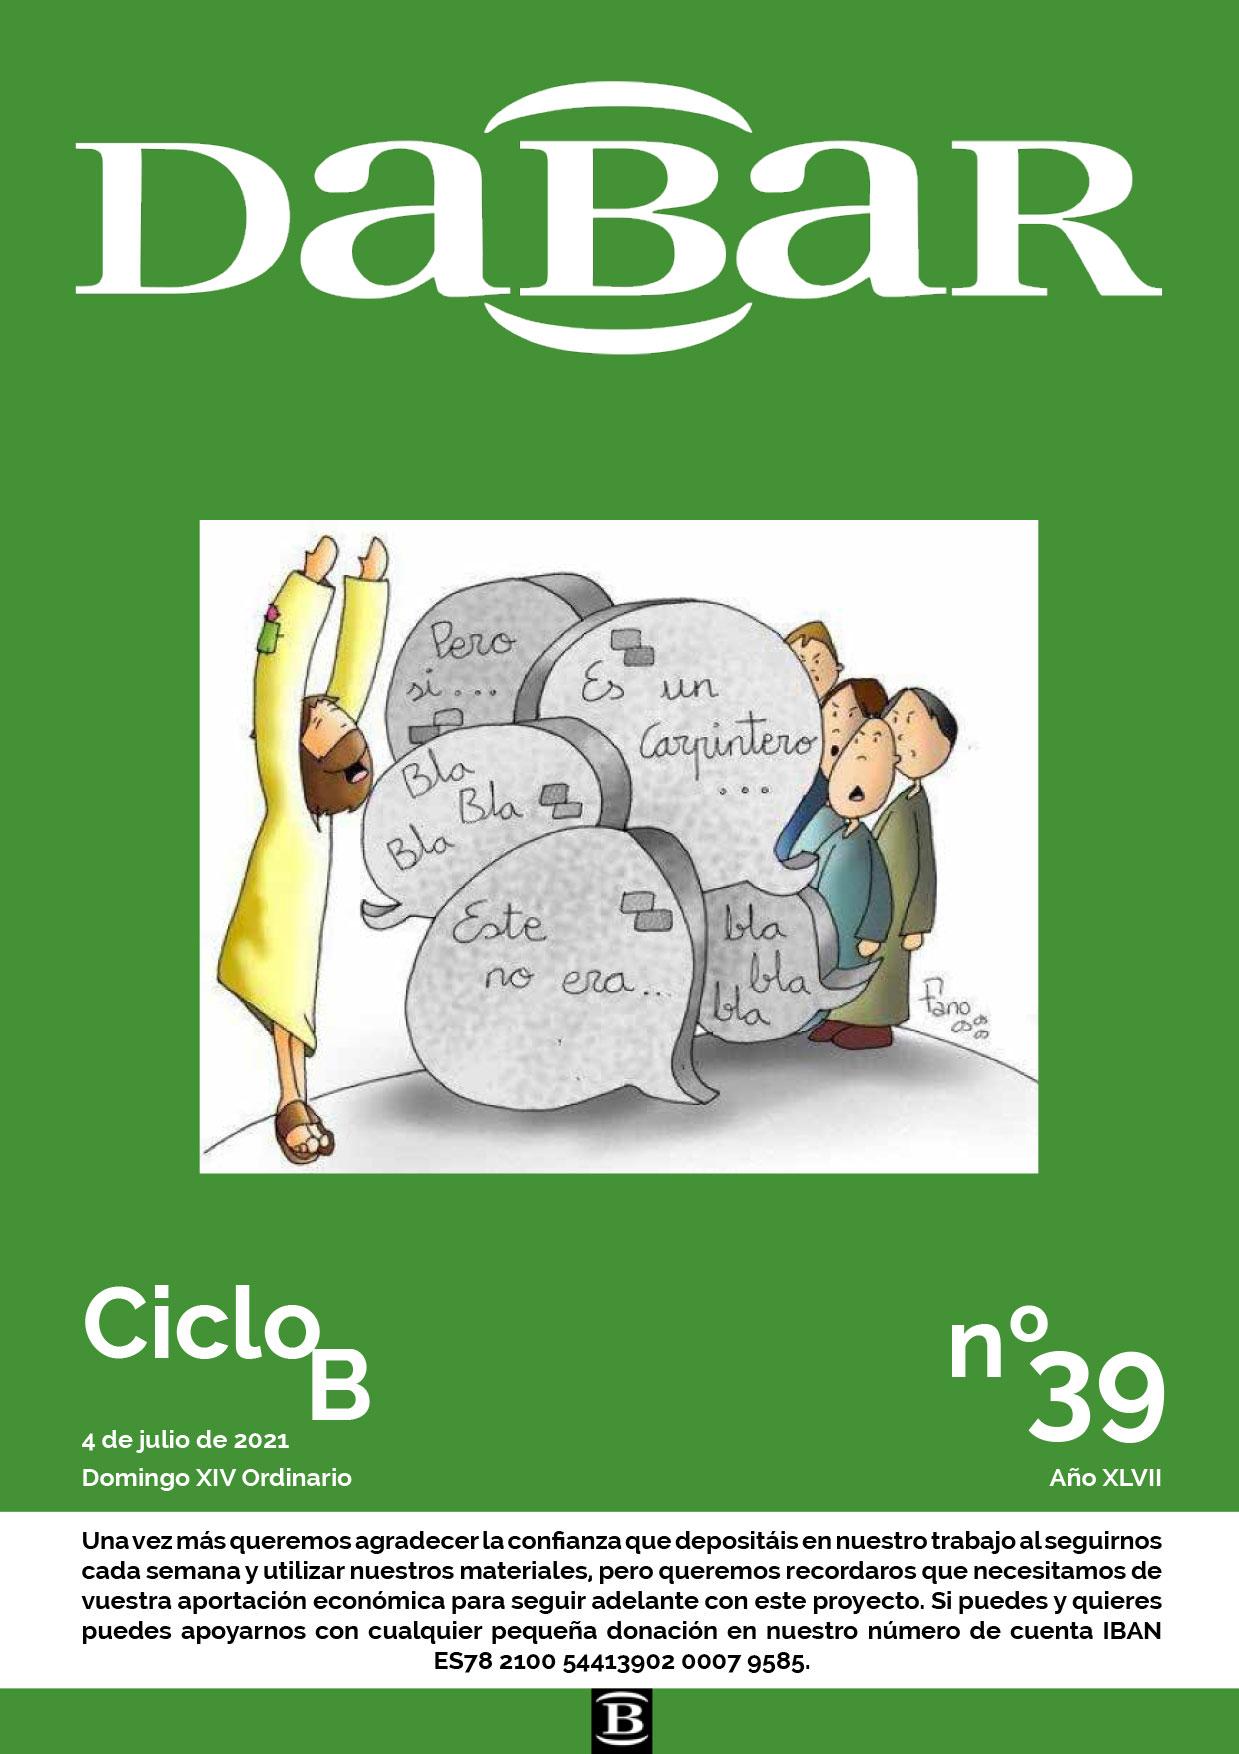 Dabar Revista numero 39 ciclo B